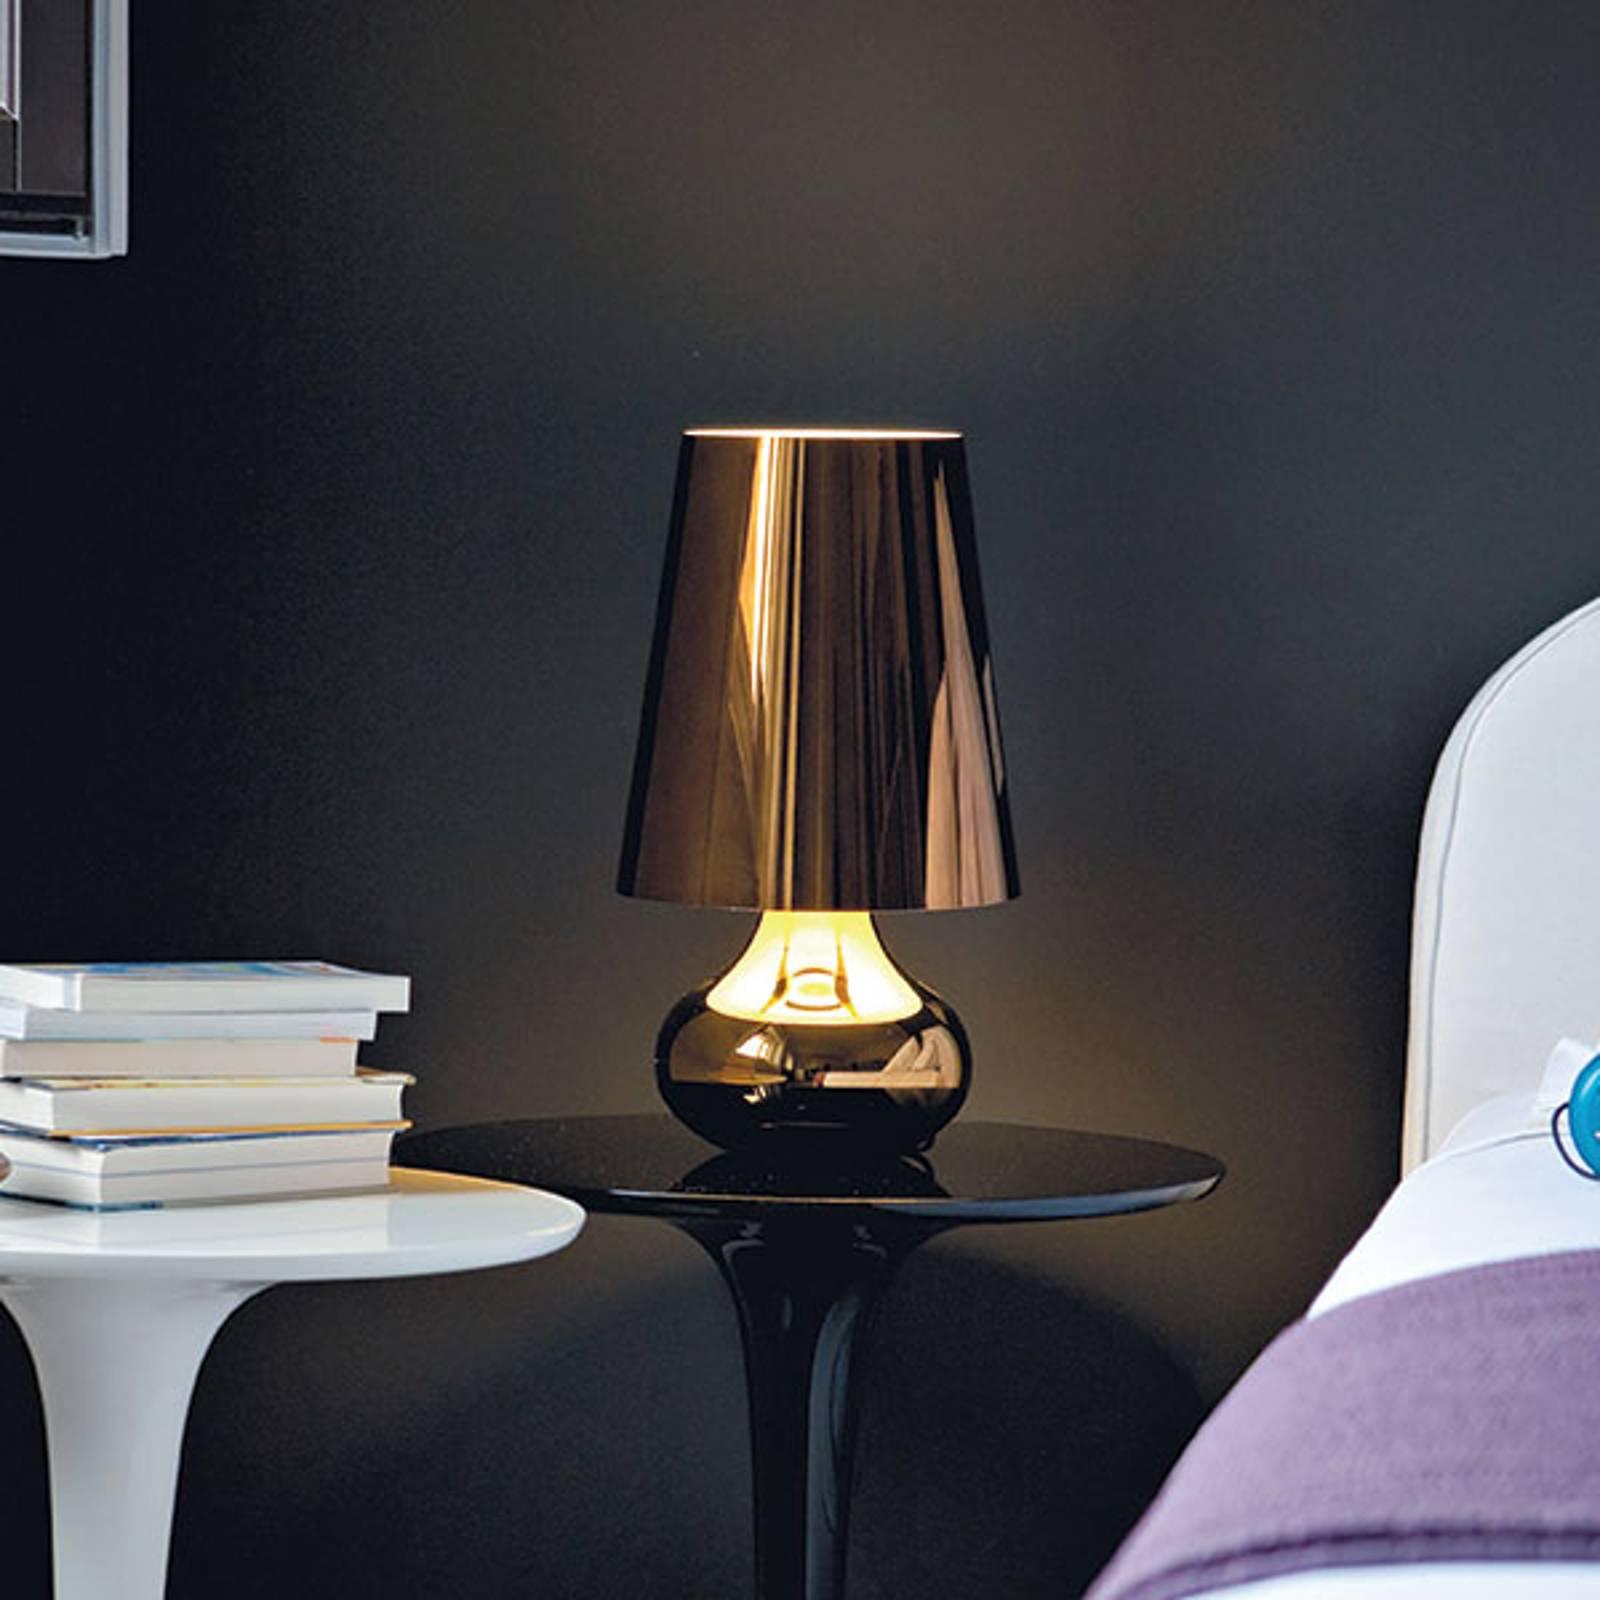 Lampada da comodino Cindy a LED, grigio metallico